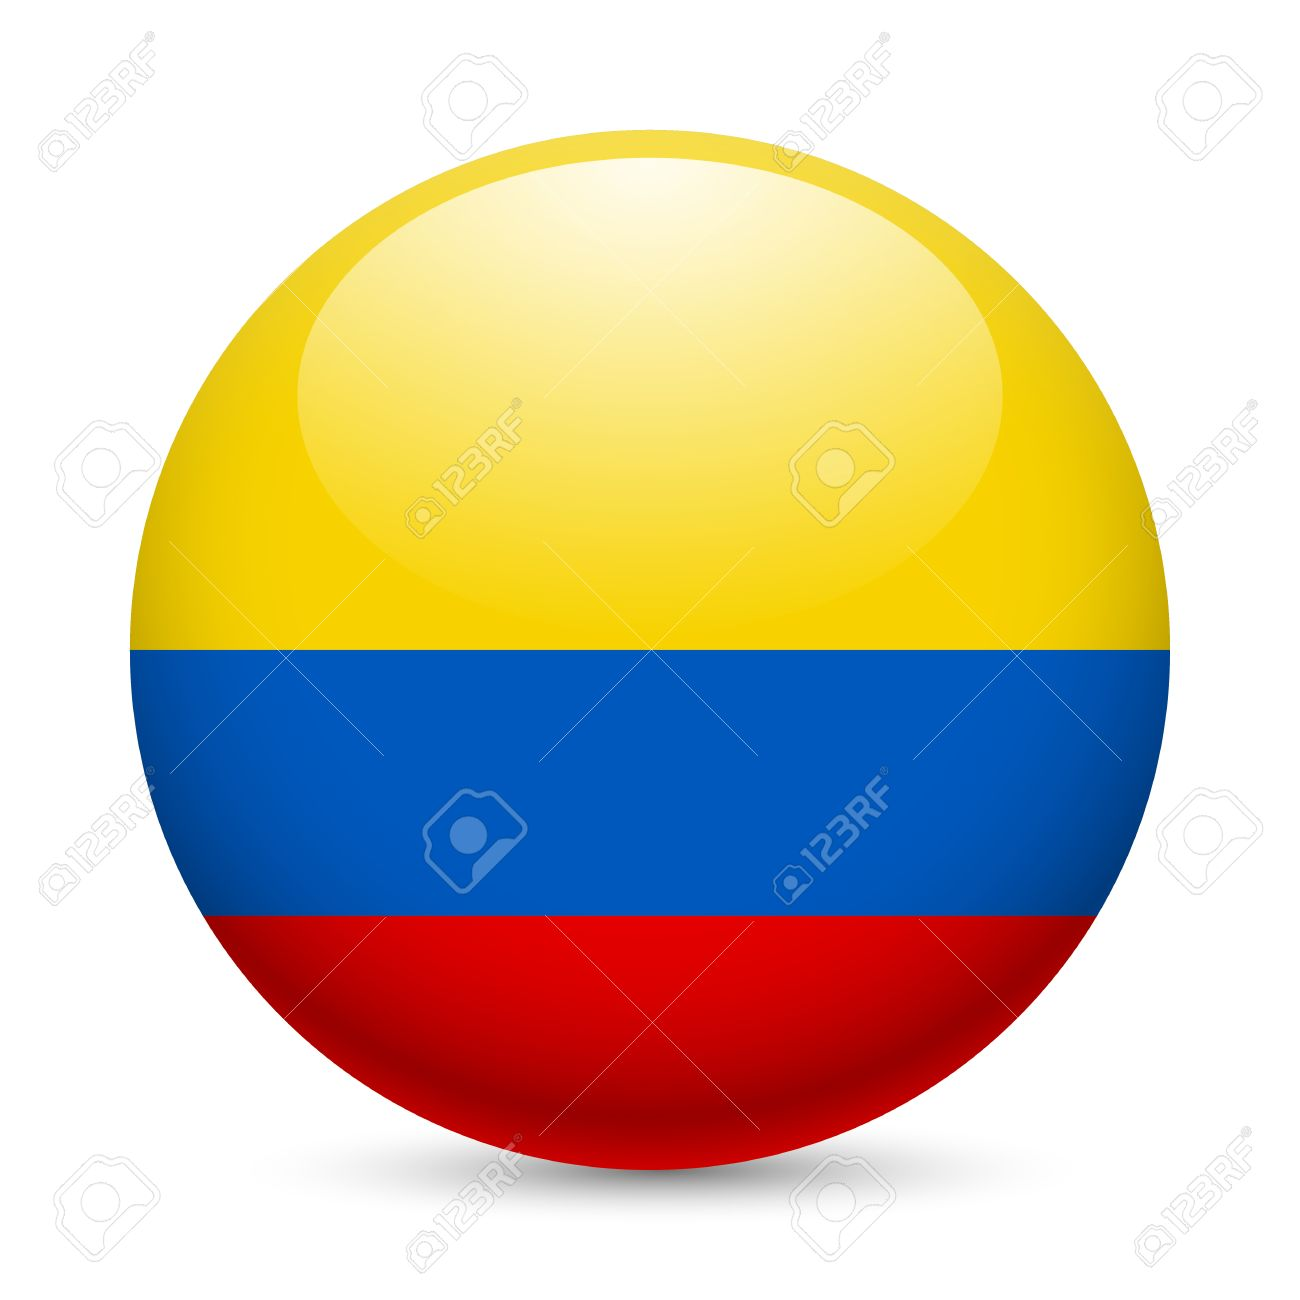 Bandera de Colombia como redonda icono brillante. Botón con la bandera de  Colombia.